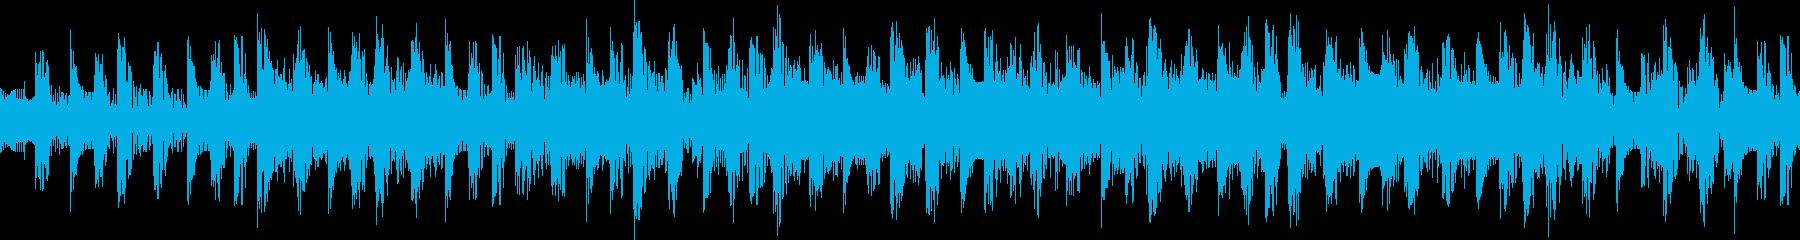 戦闘シーンぴこぴこ高速変拍子攻めのループの再生済みの波形